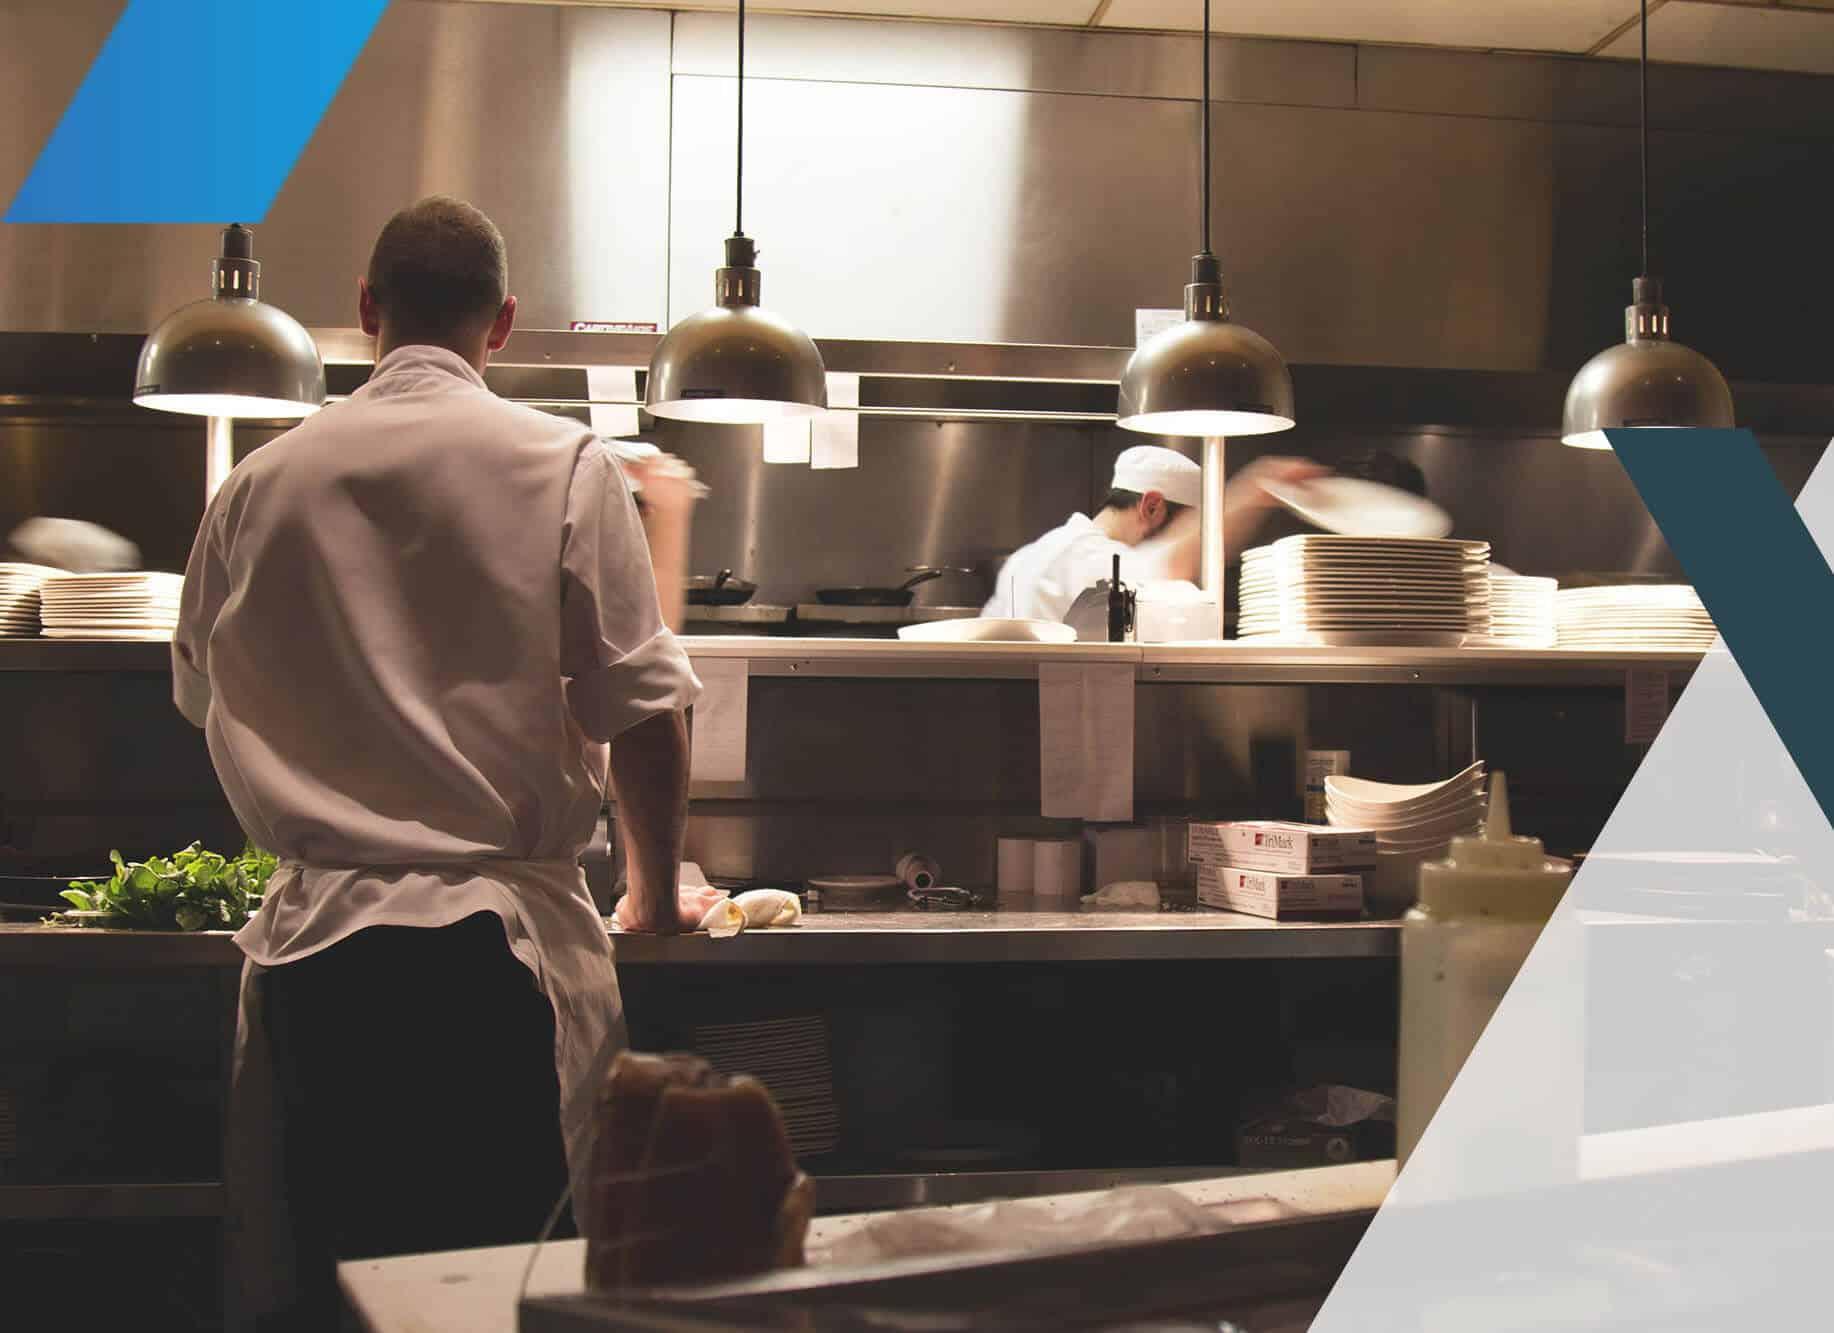 Un cuisinier travaille dans la cuisine d'un restaurant